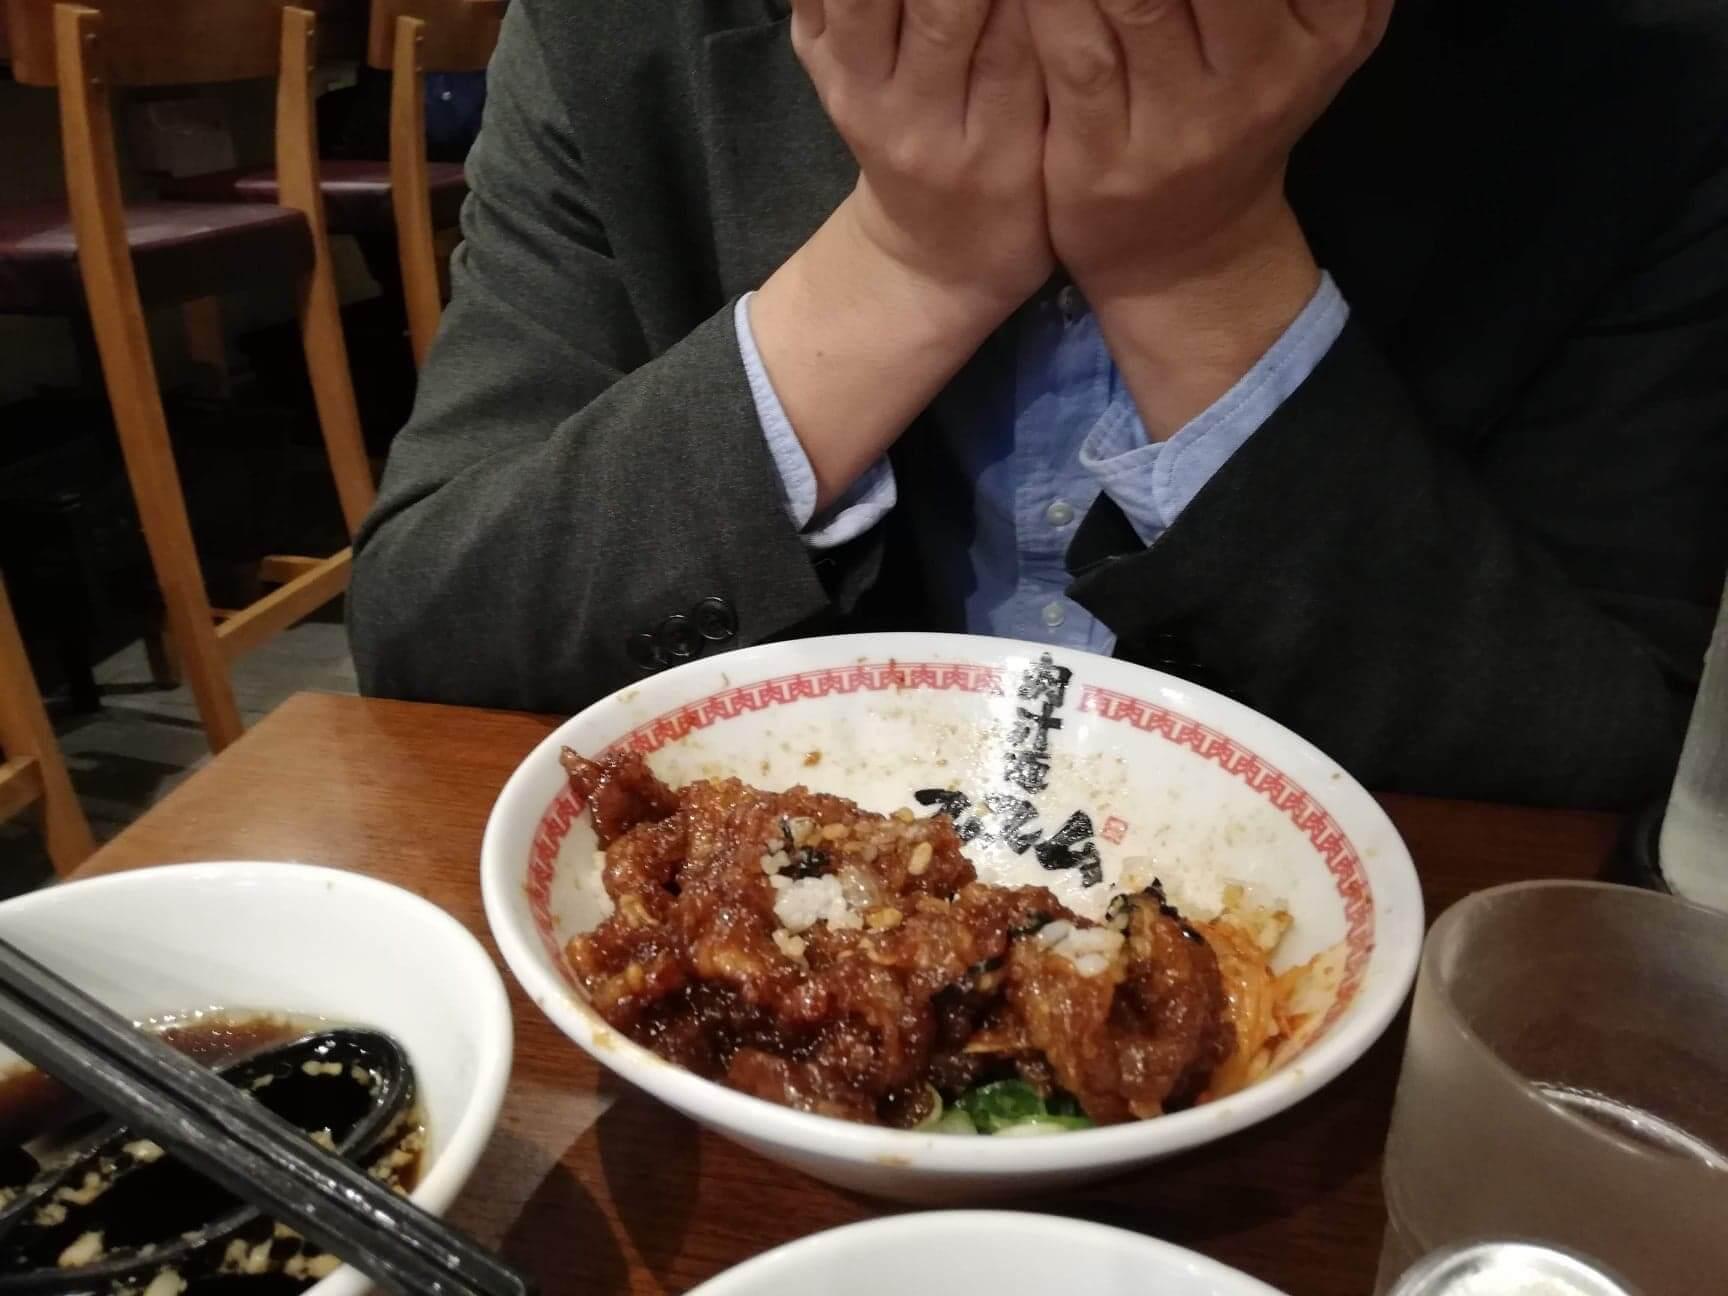 高田馬場『肉汁麺ススム』の肉汁丼の前で頭を抱える男性の写真